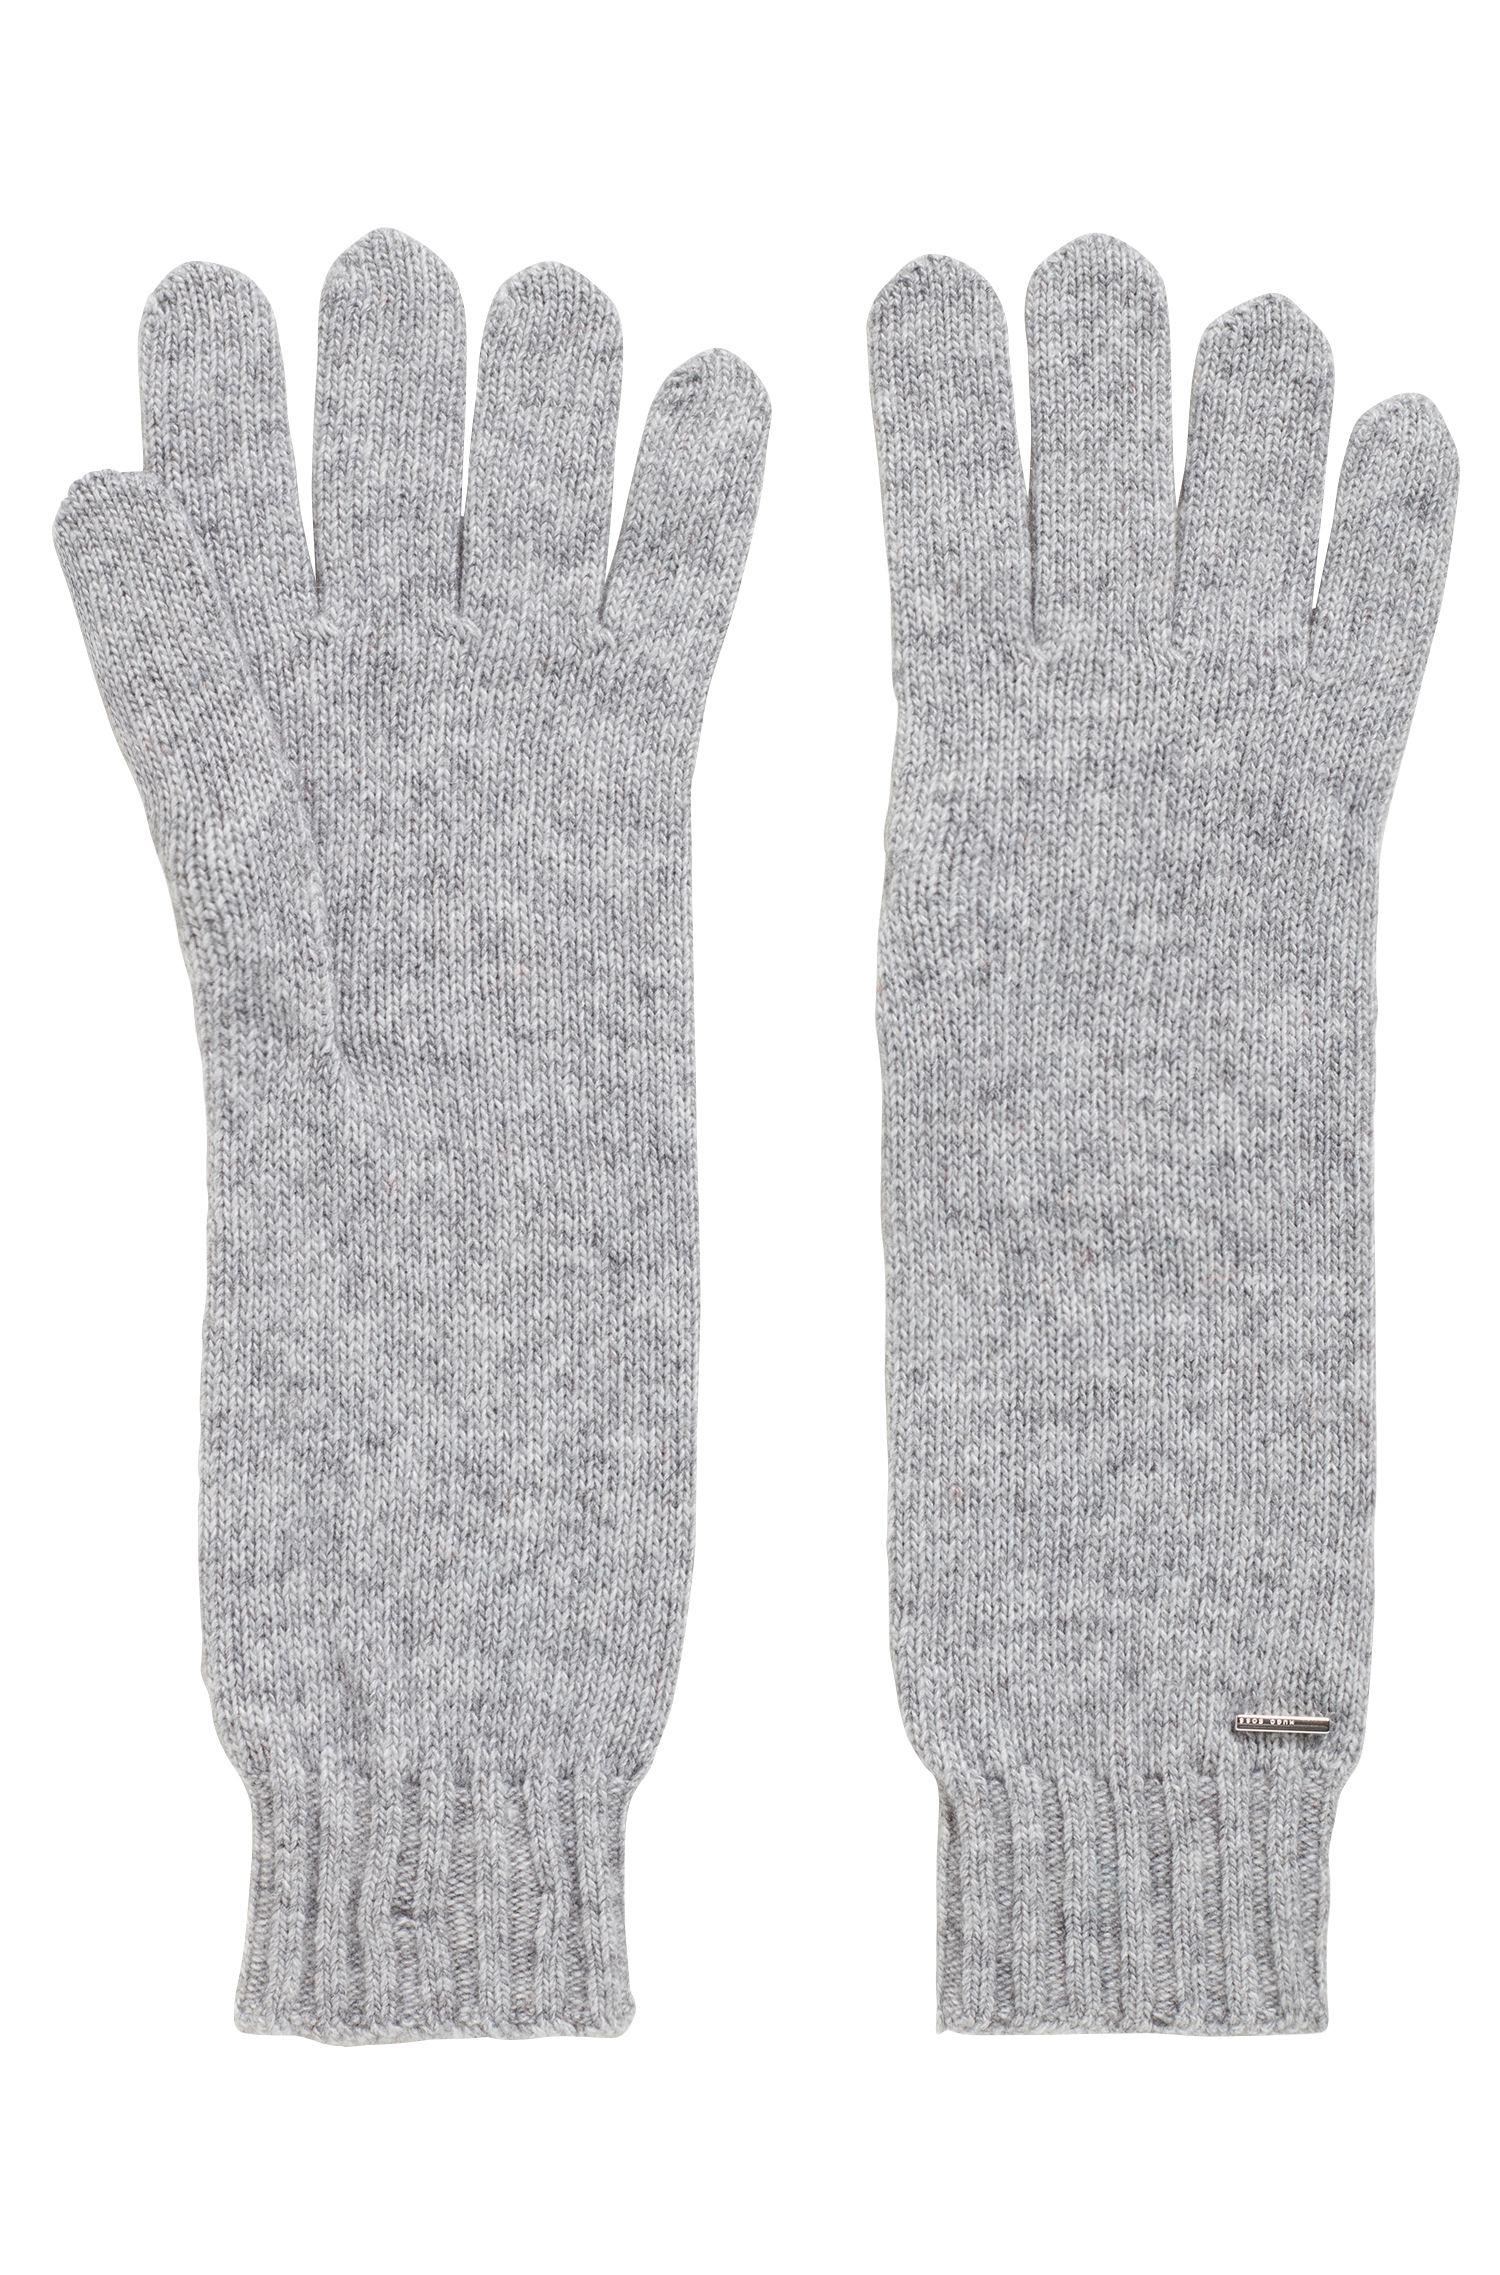 Lange handschoenen met metallic logopatch, Zilver